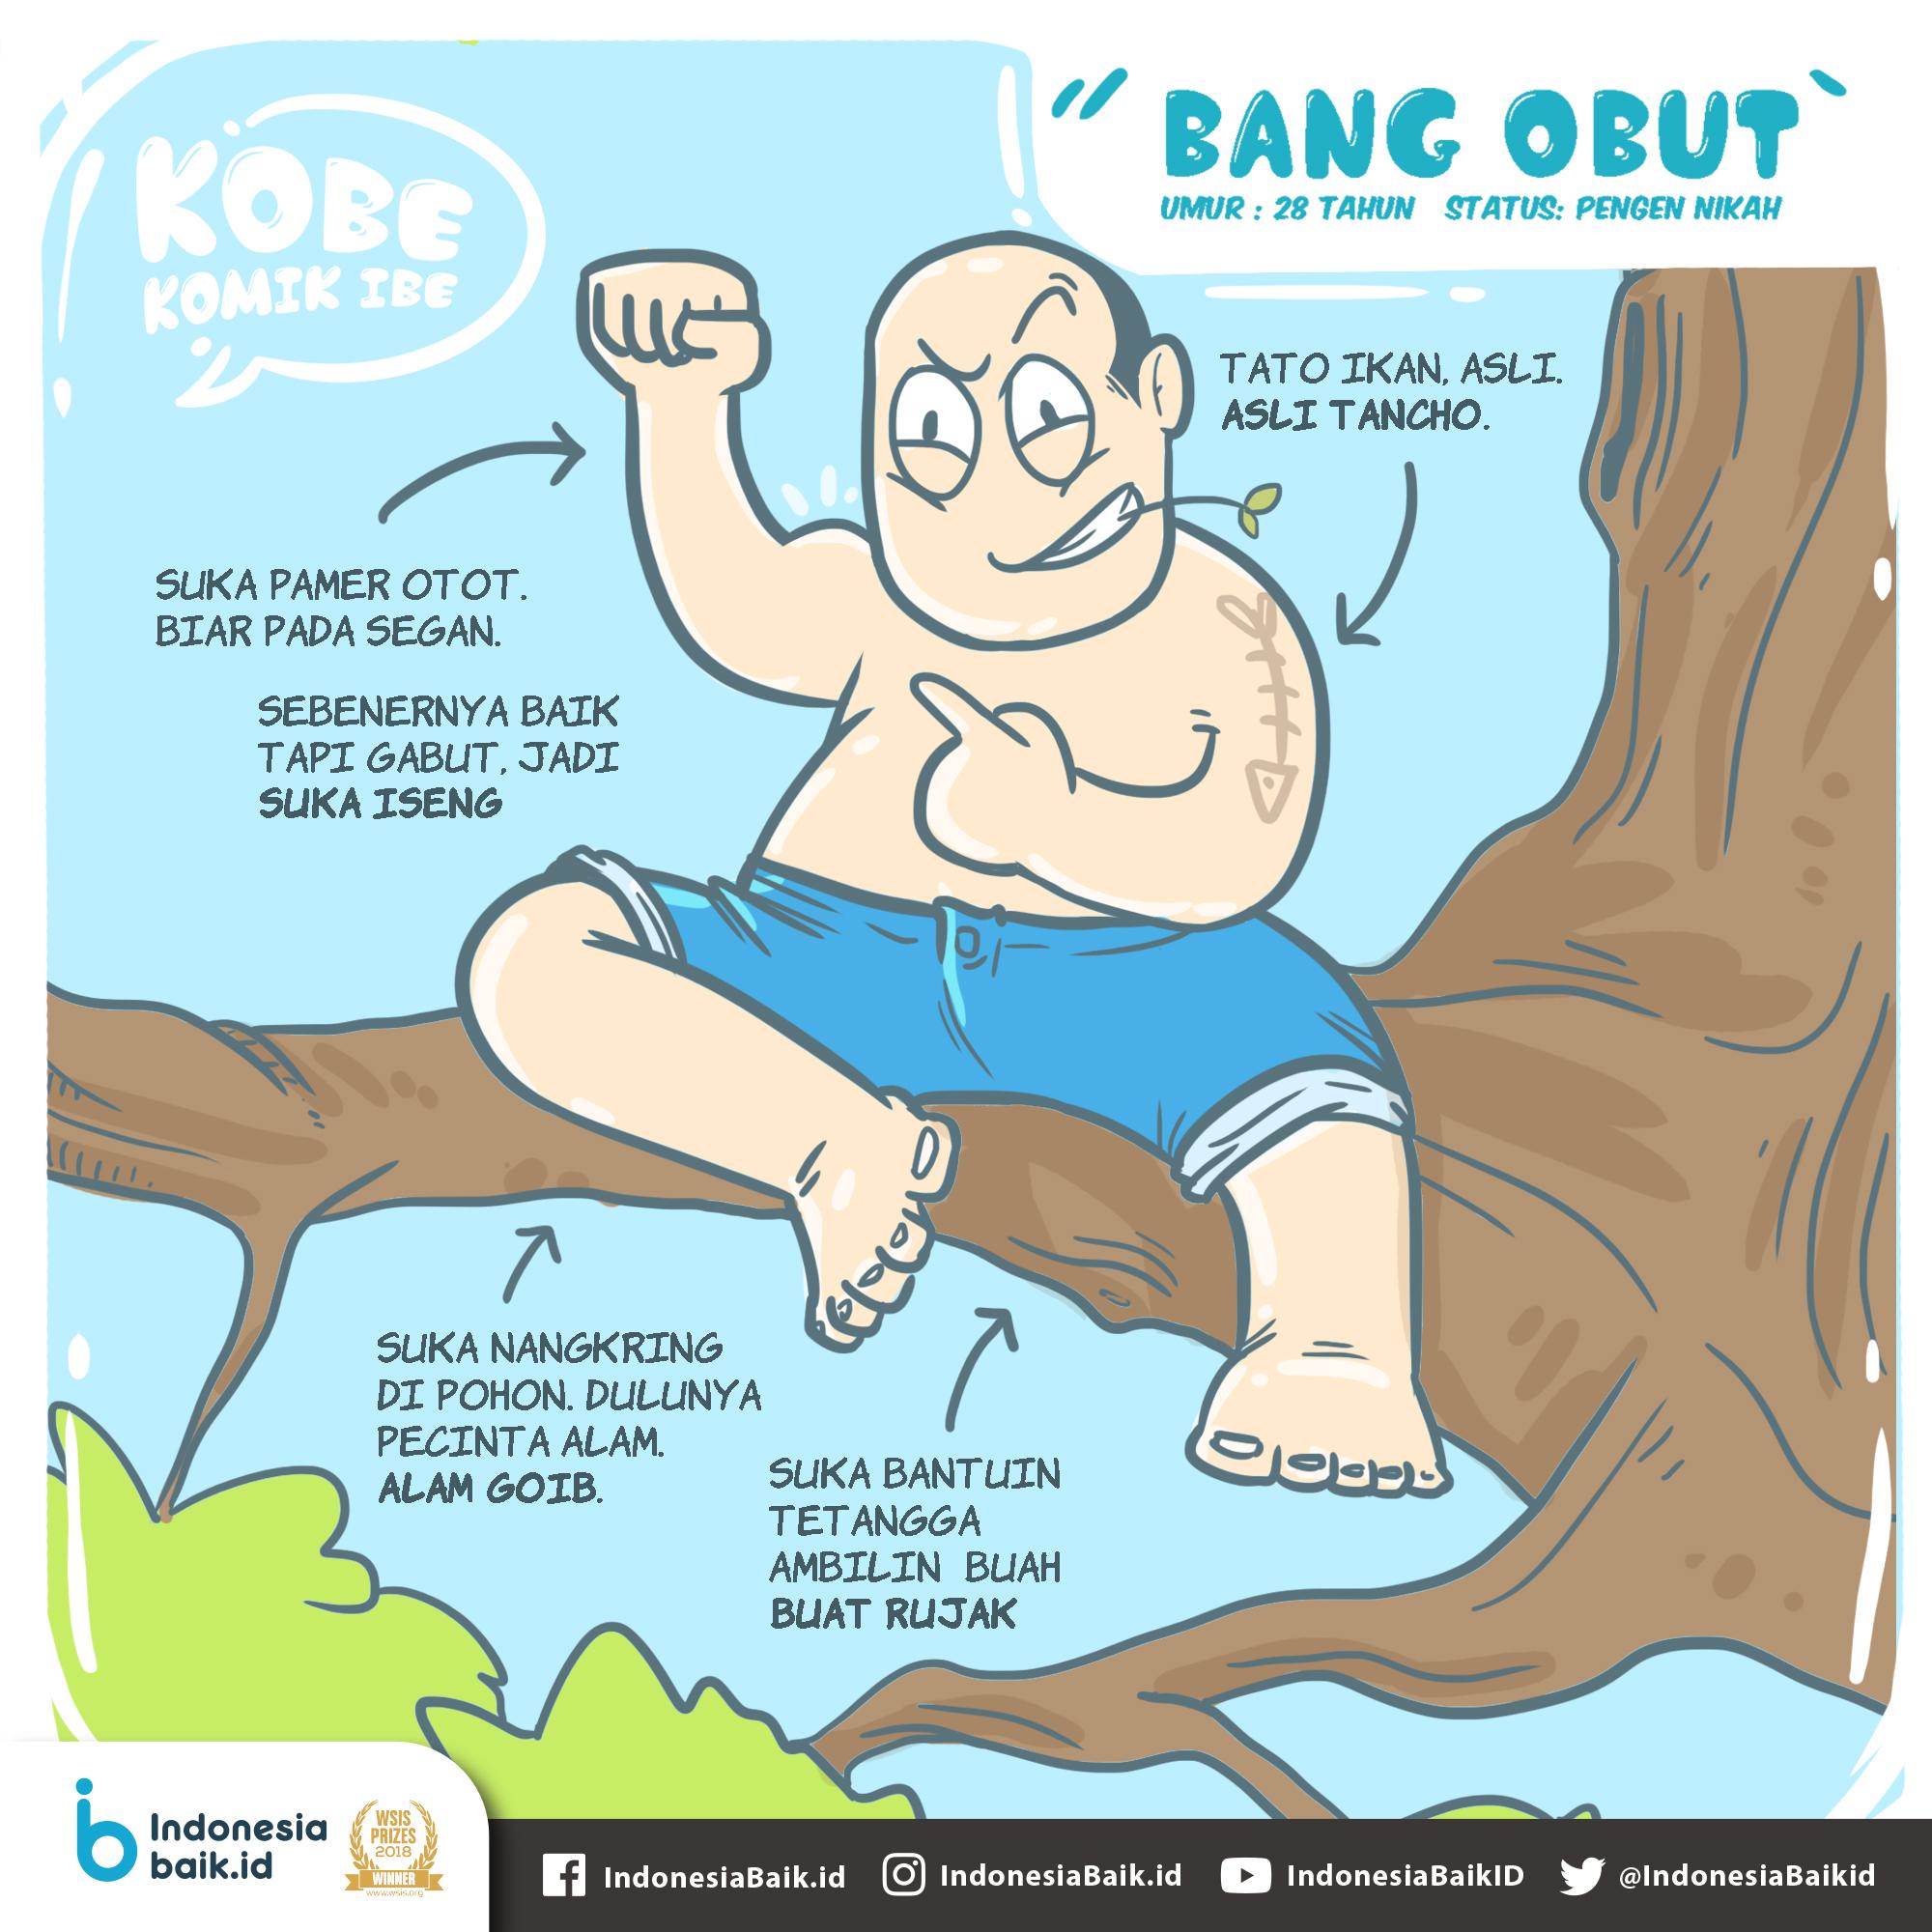 Karakter Bang Obut